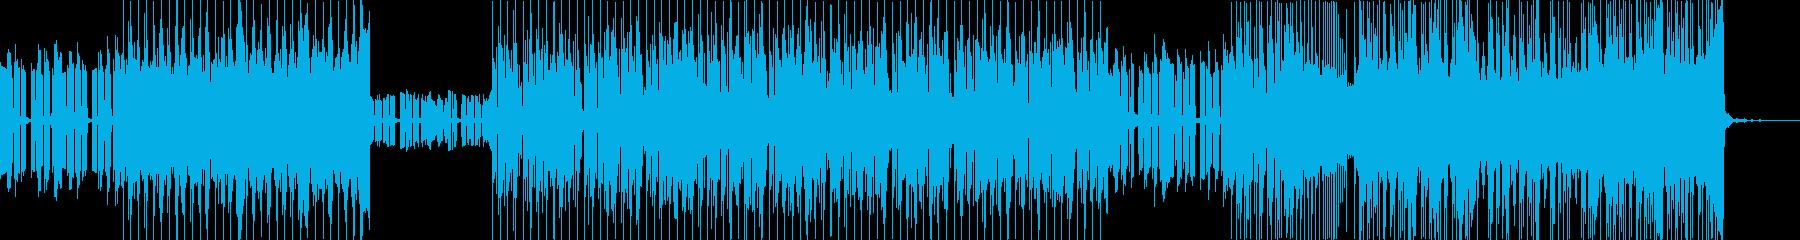 サイバー感のある少しゆっくりめな曲の再生済みの波形